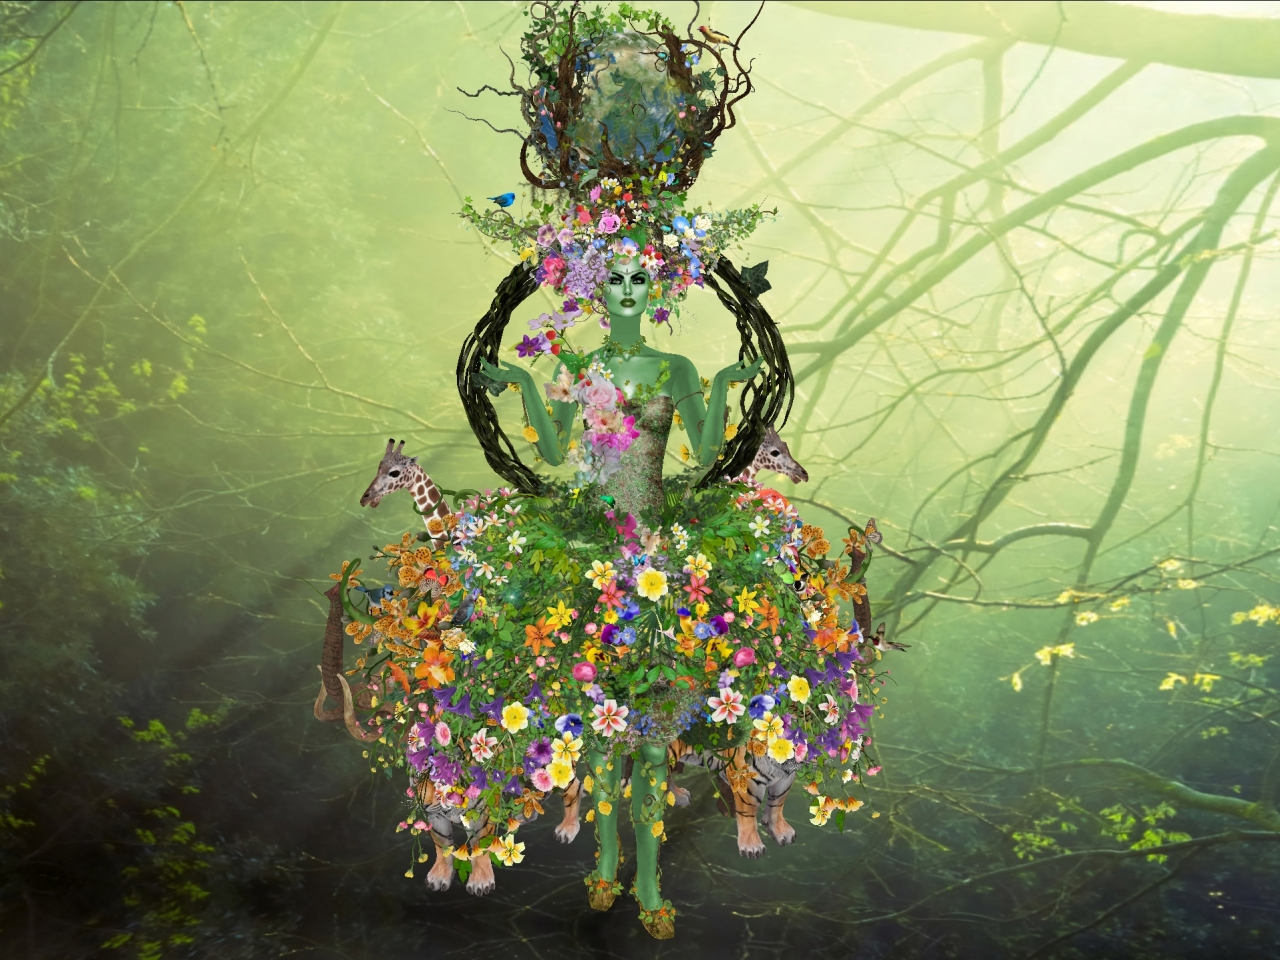 Flores y la madre abstracta - 1280x960